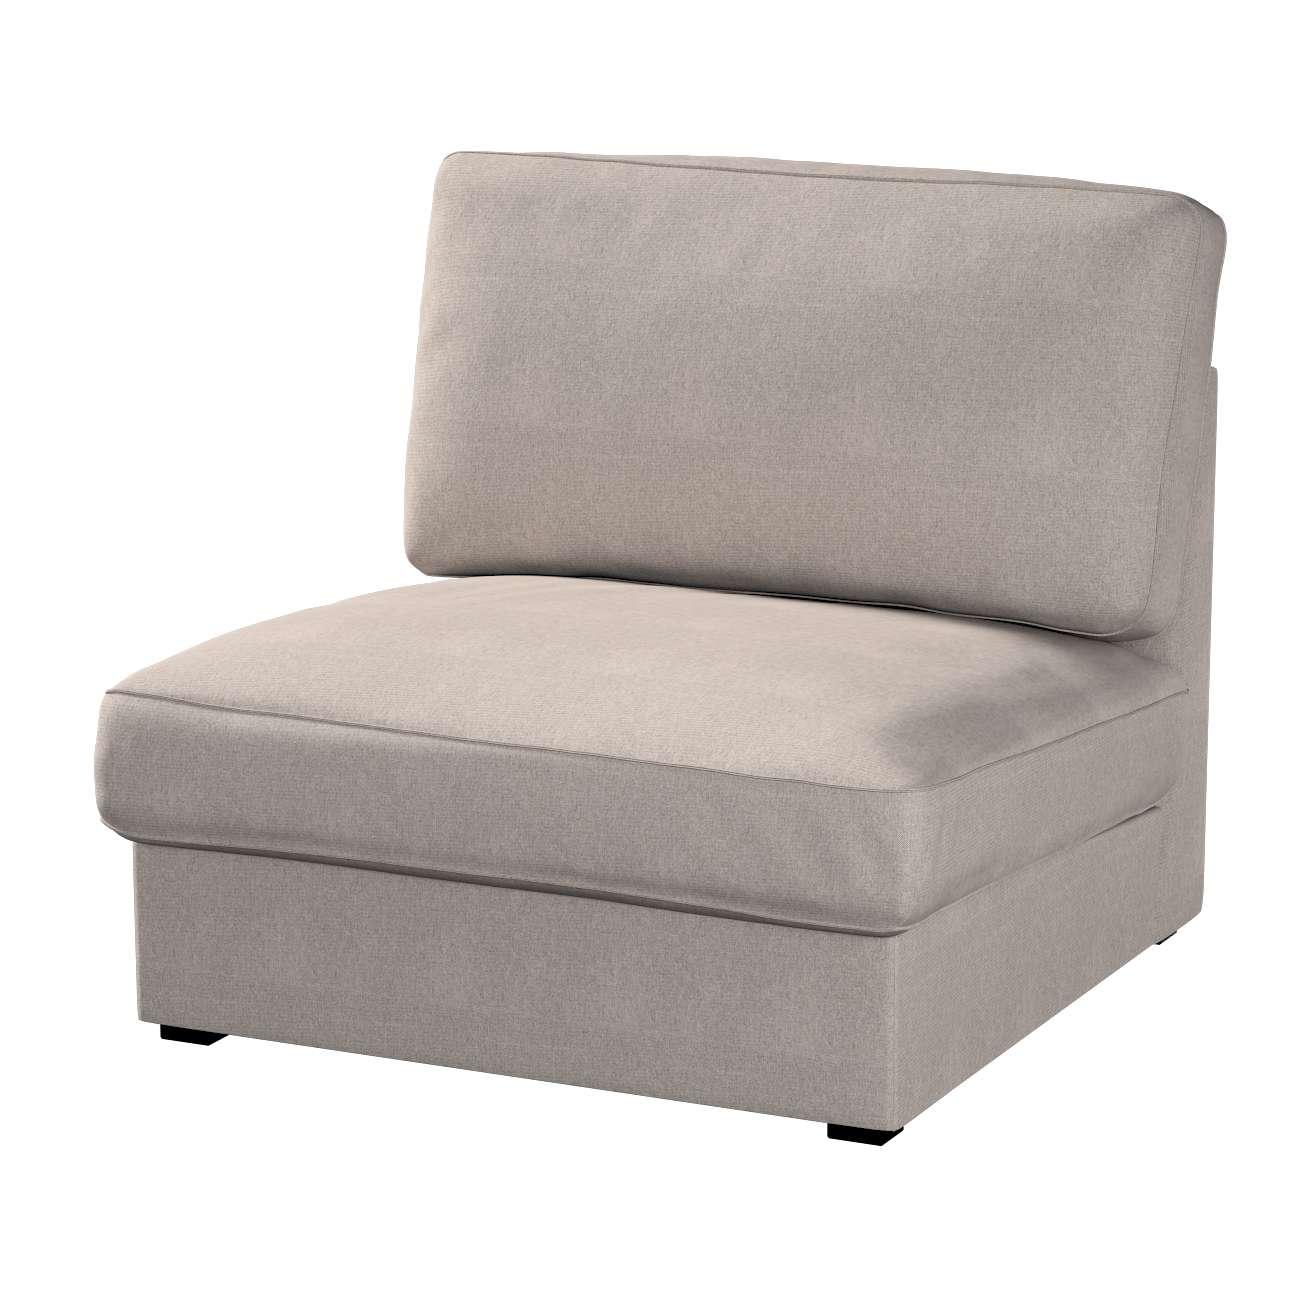 Kivik päällinen nojatuoli mallistosta Etna - ei verhoihin, Kangas: 705-09